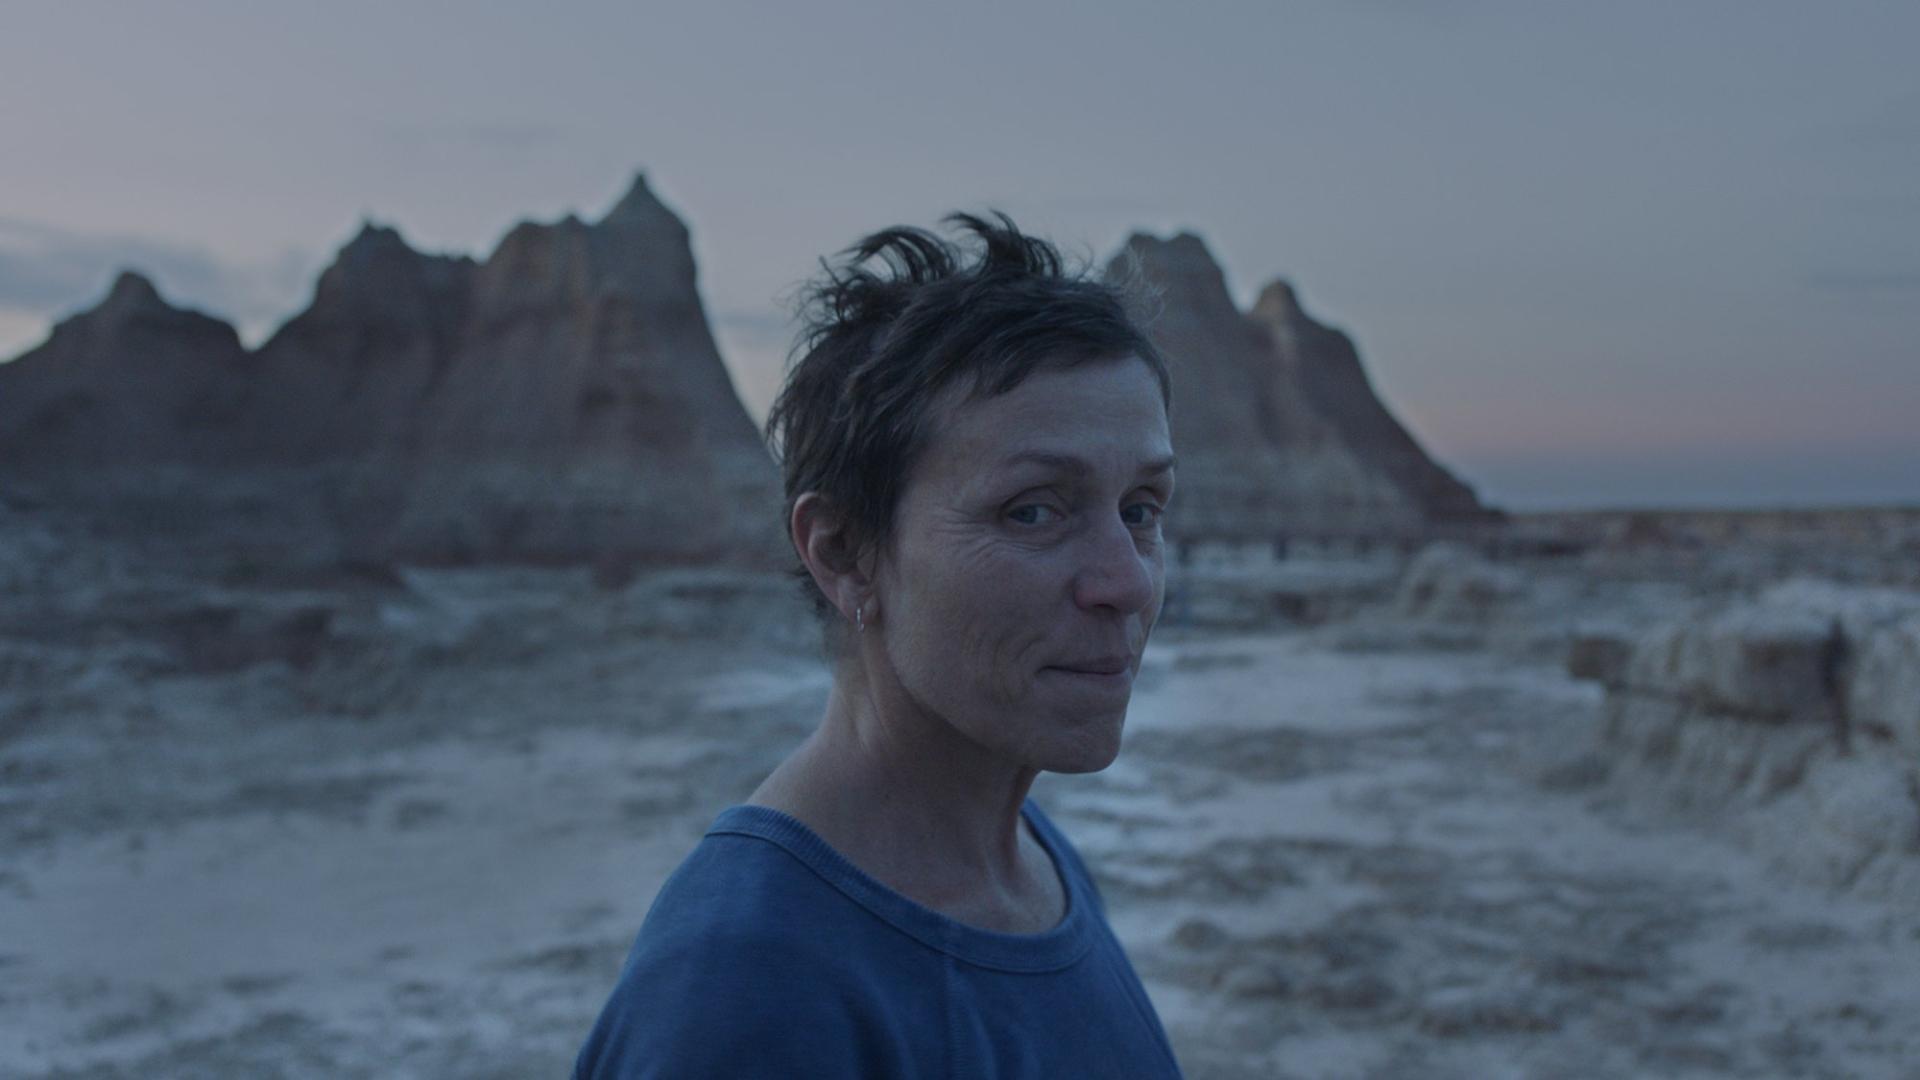 Il cinema al Fraschini: Nomadland in programmazione fino all'8 maggio